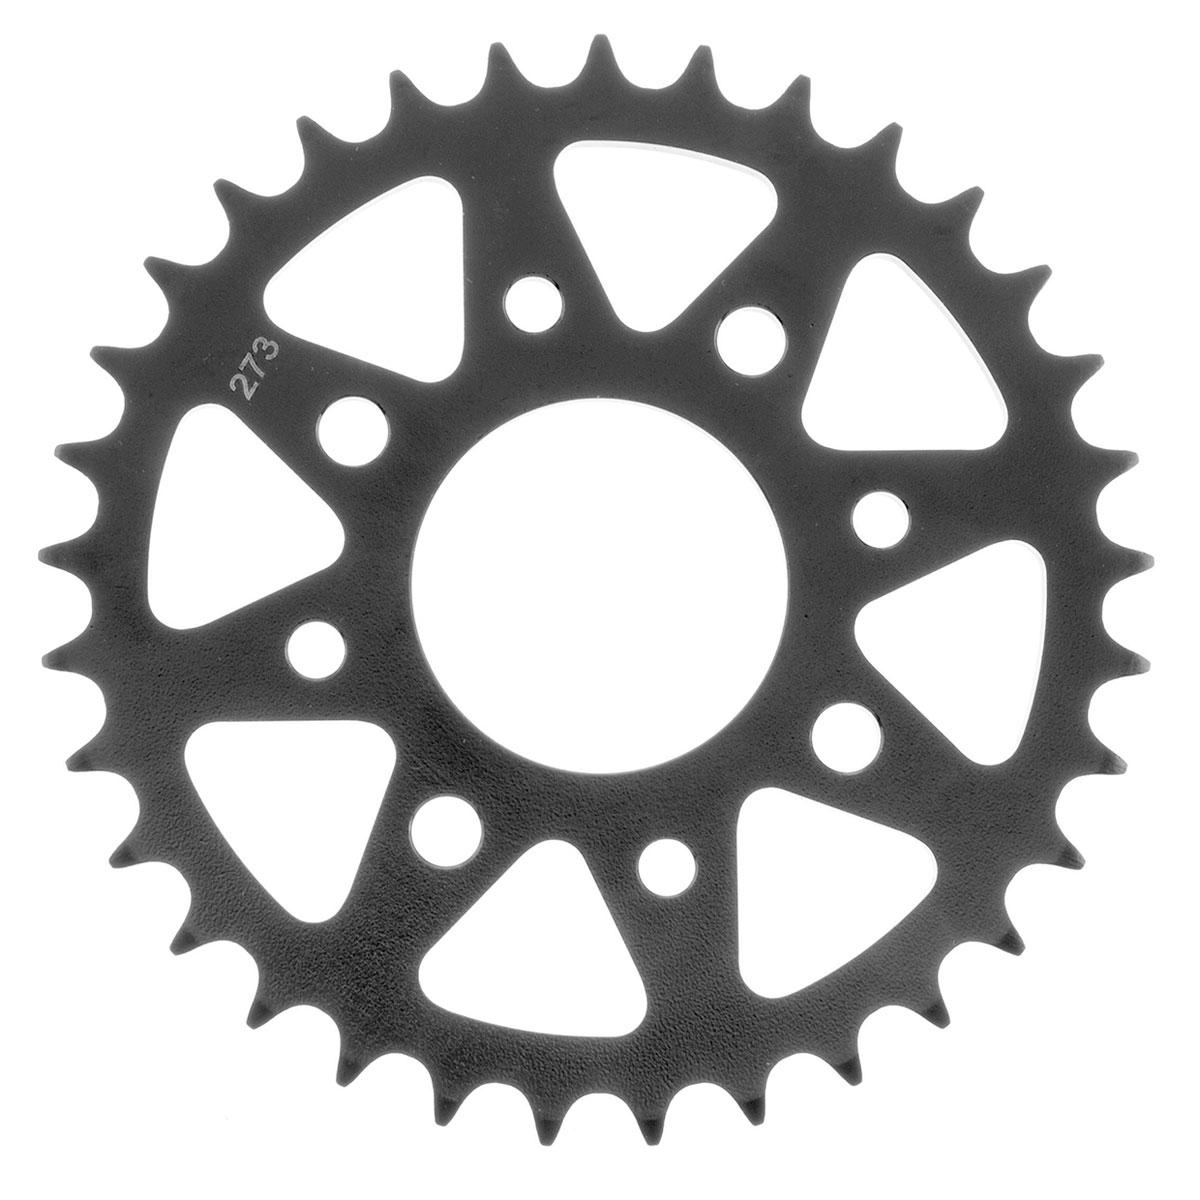 BikeMaster Black 520 Rear Sprocket 33 Tooth